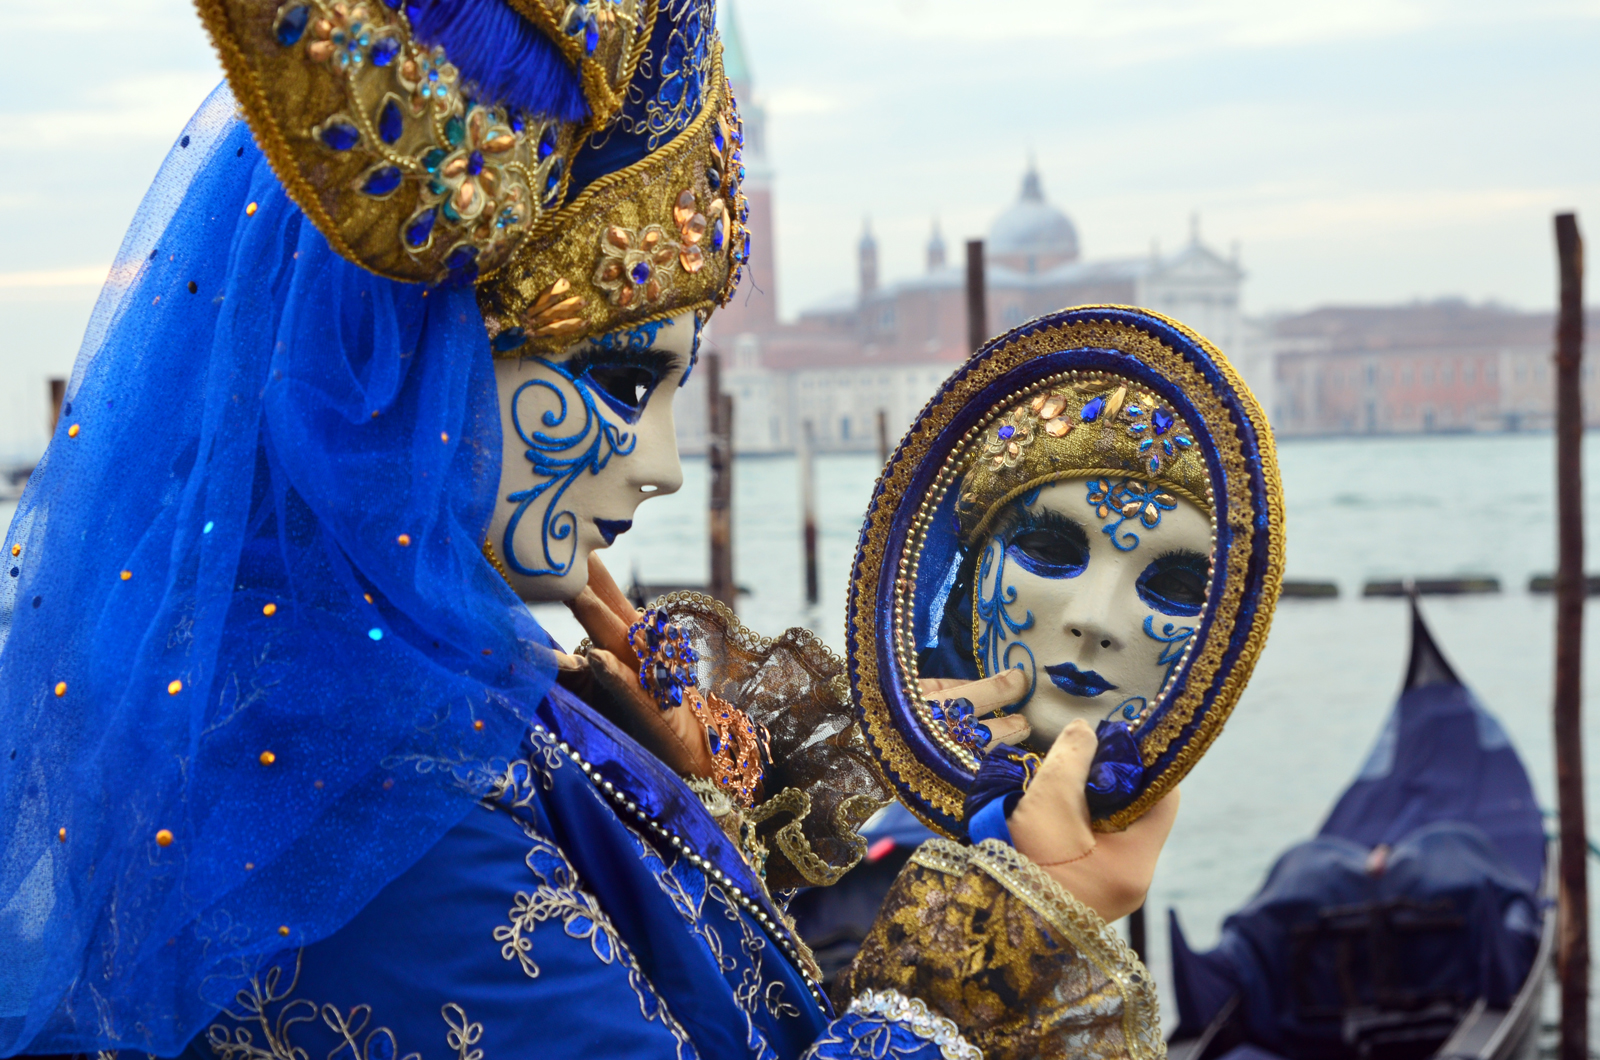 Карнавал в Венеции: личный опыт.Вокруг Света. Украина